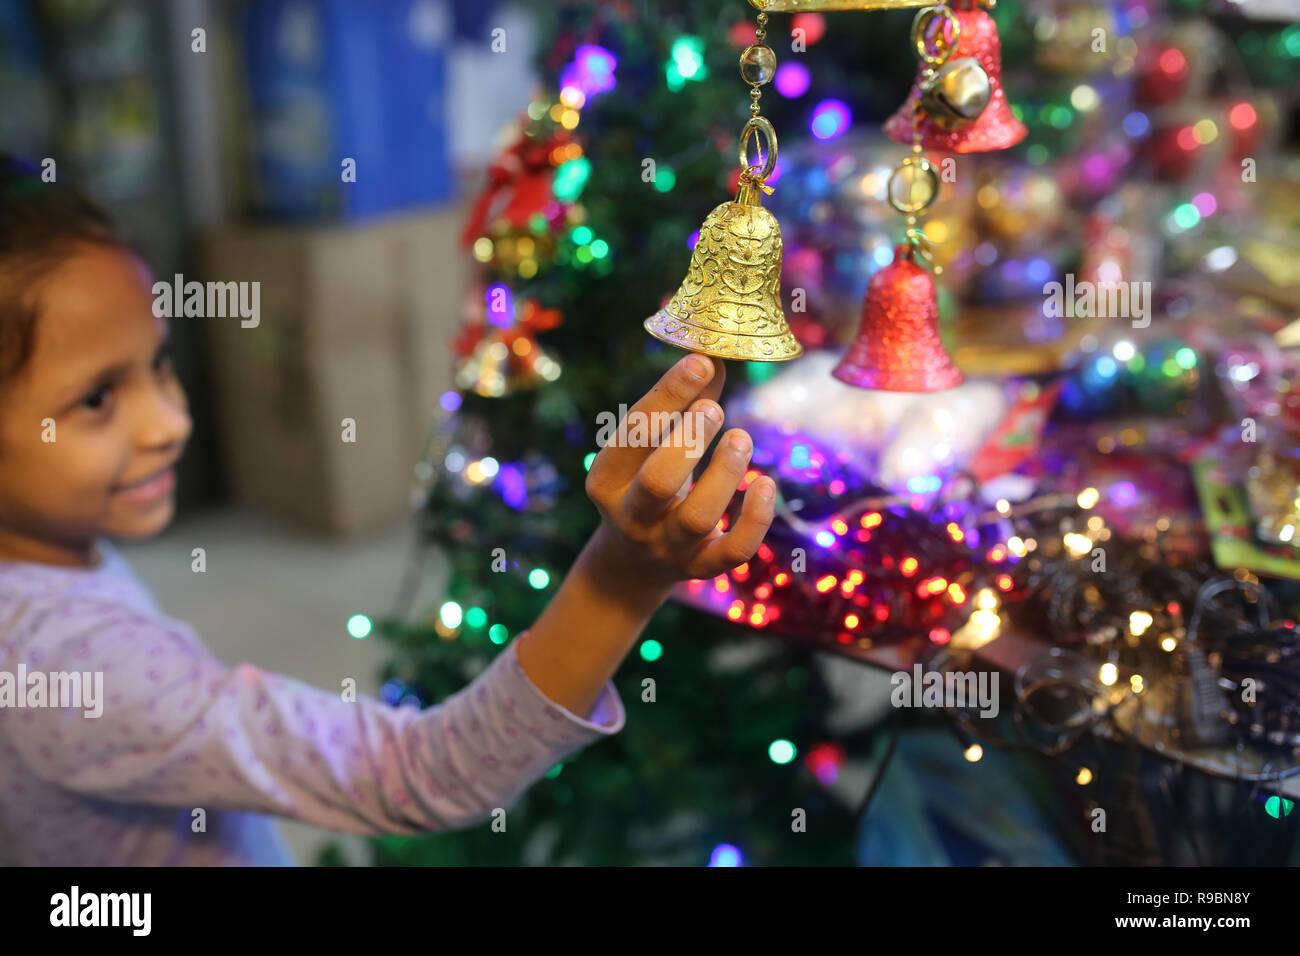 Ragazza vede lo shopping di Natale in un negozio prima delle vacanze di Natale e Capodanno a Dhaka, nel Bangladesh sul dicembre 20, 2018. Immagini Stock